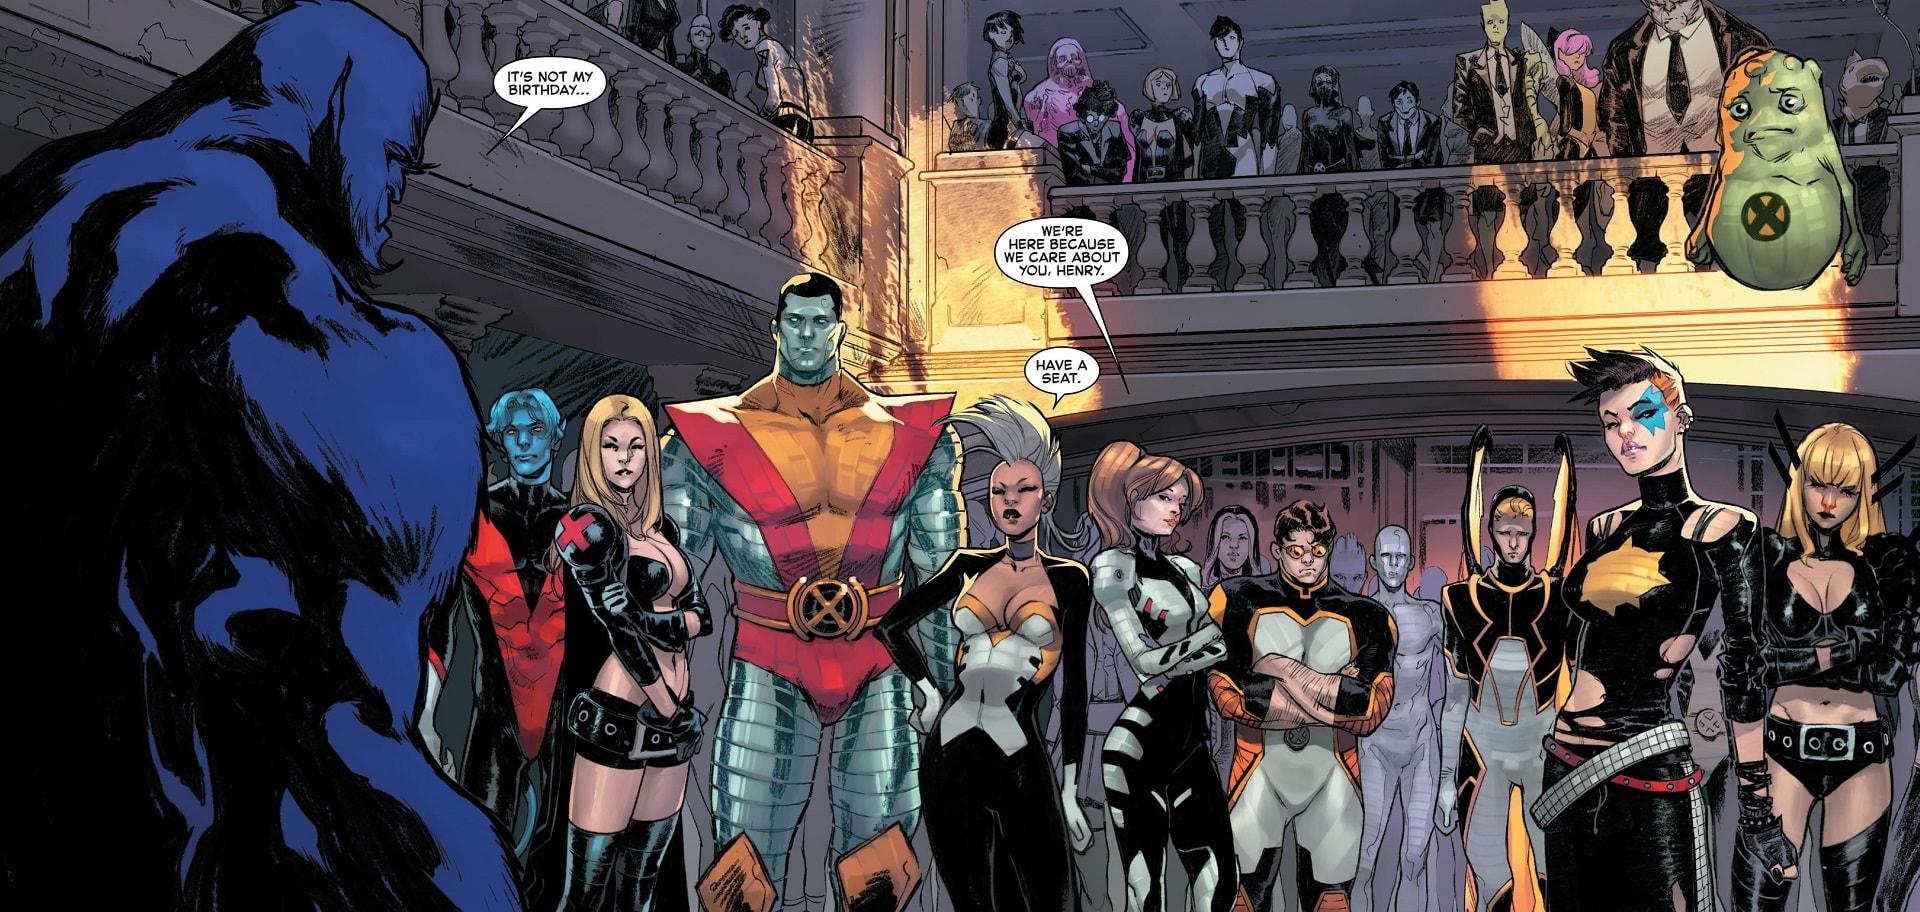 Uncanny-X-Men-2013-600-002-min